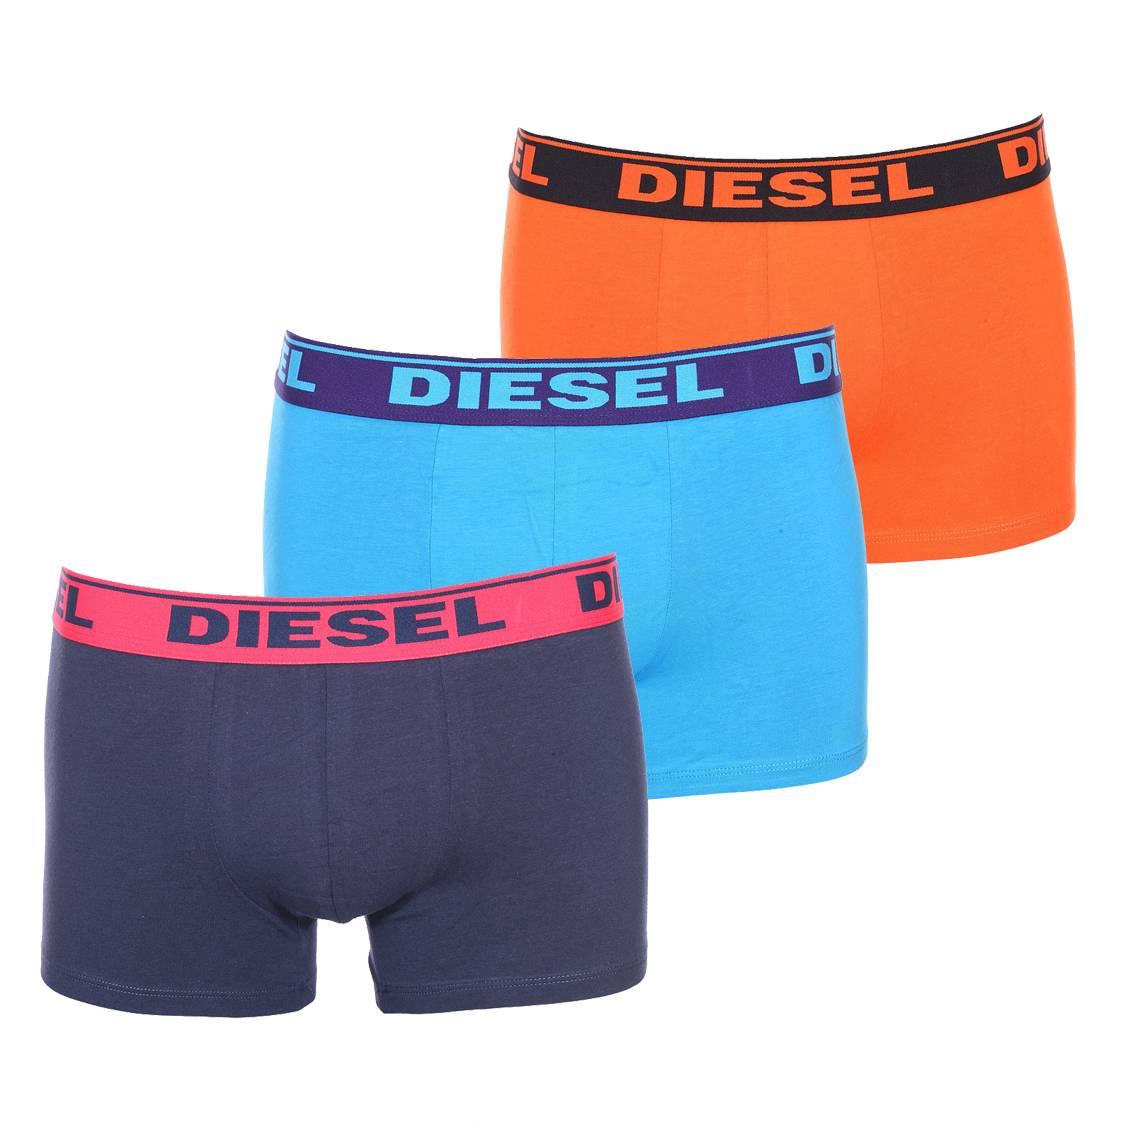 Lot de 3 boxers diesel en coton stretch bleu marine, bleu turquoise et orange